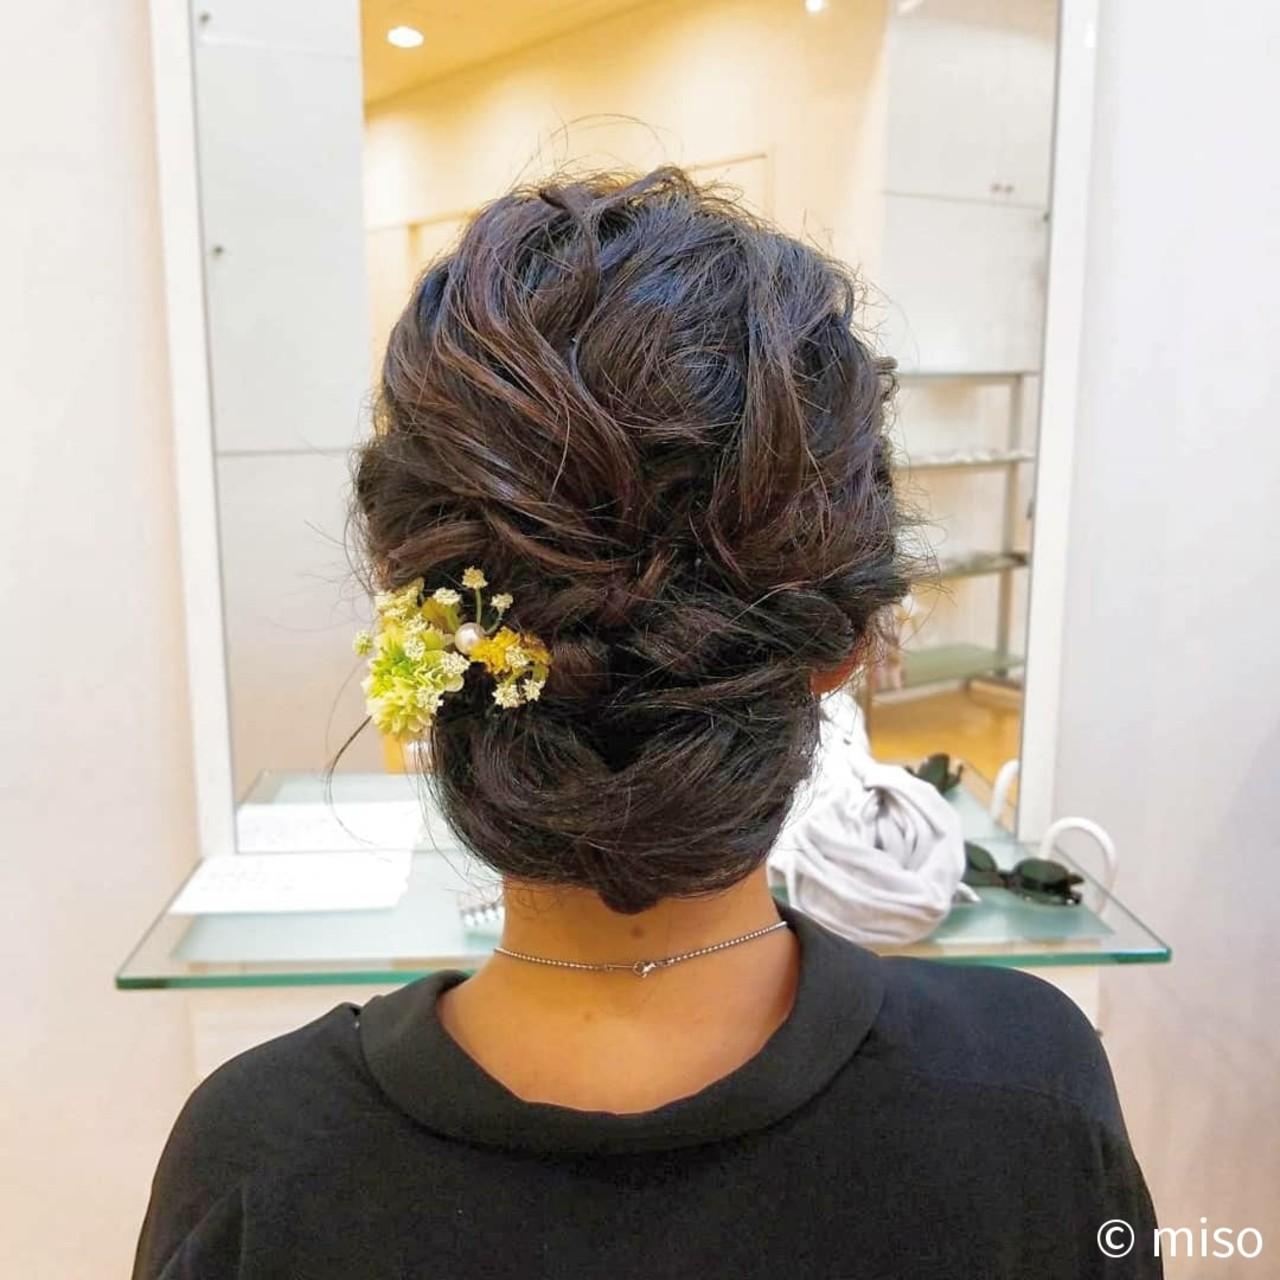 夏 お祭り フェミニン セミロング ヘアスタイルや髪型の写真・画像 | miso /